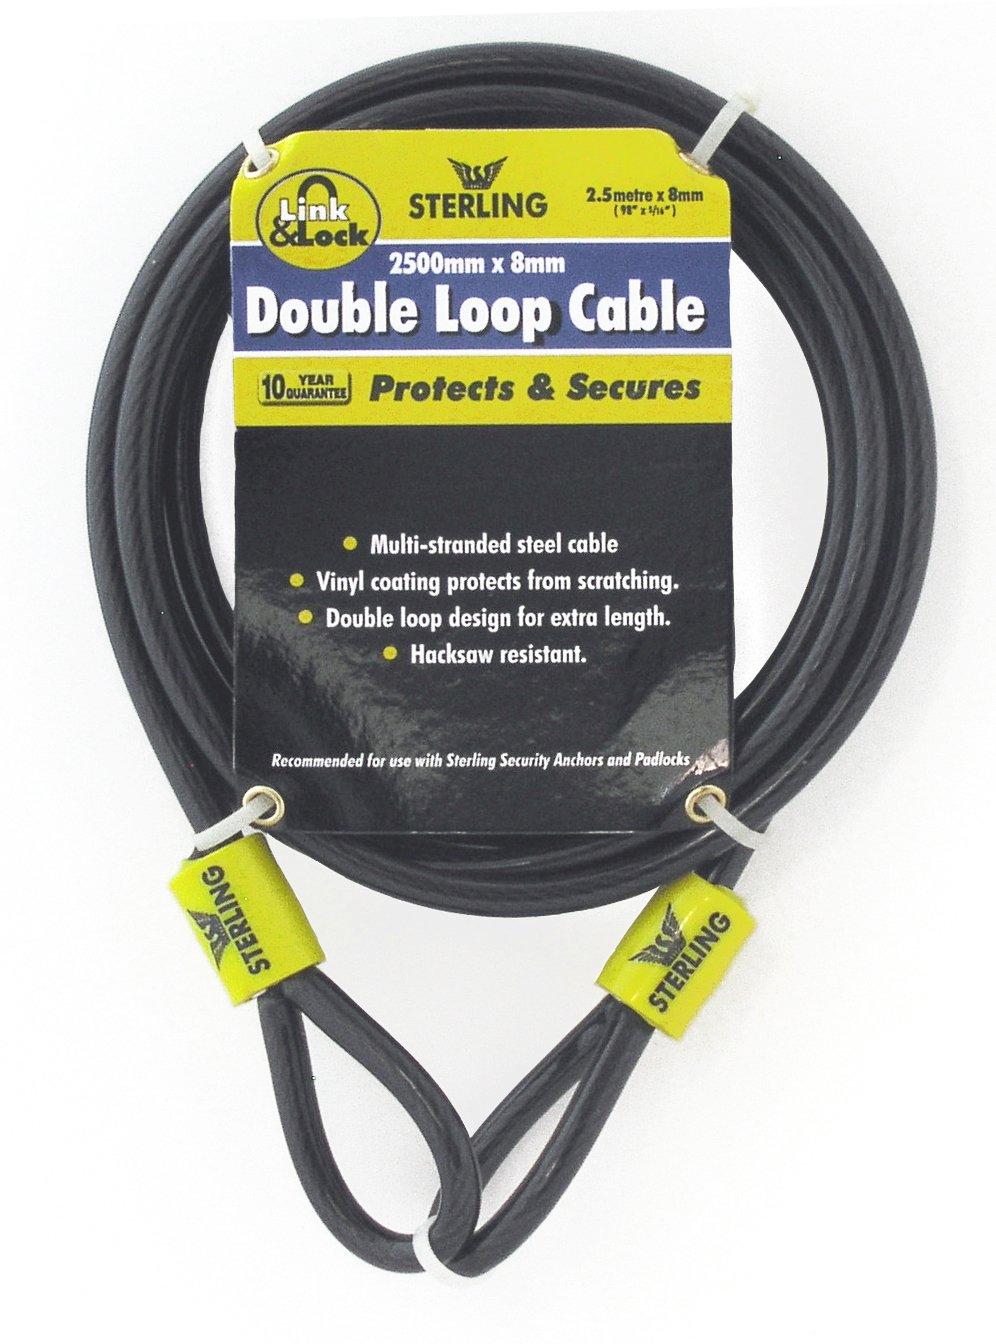 Sterling 825C - Cable trenzado de seguridad de bucle doble (acero, recubrimiento de vinilo, 0,8 cm x 2,5 m) [Importado de Reino Unido] Sterling Locks